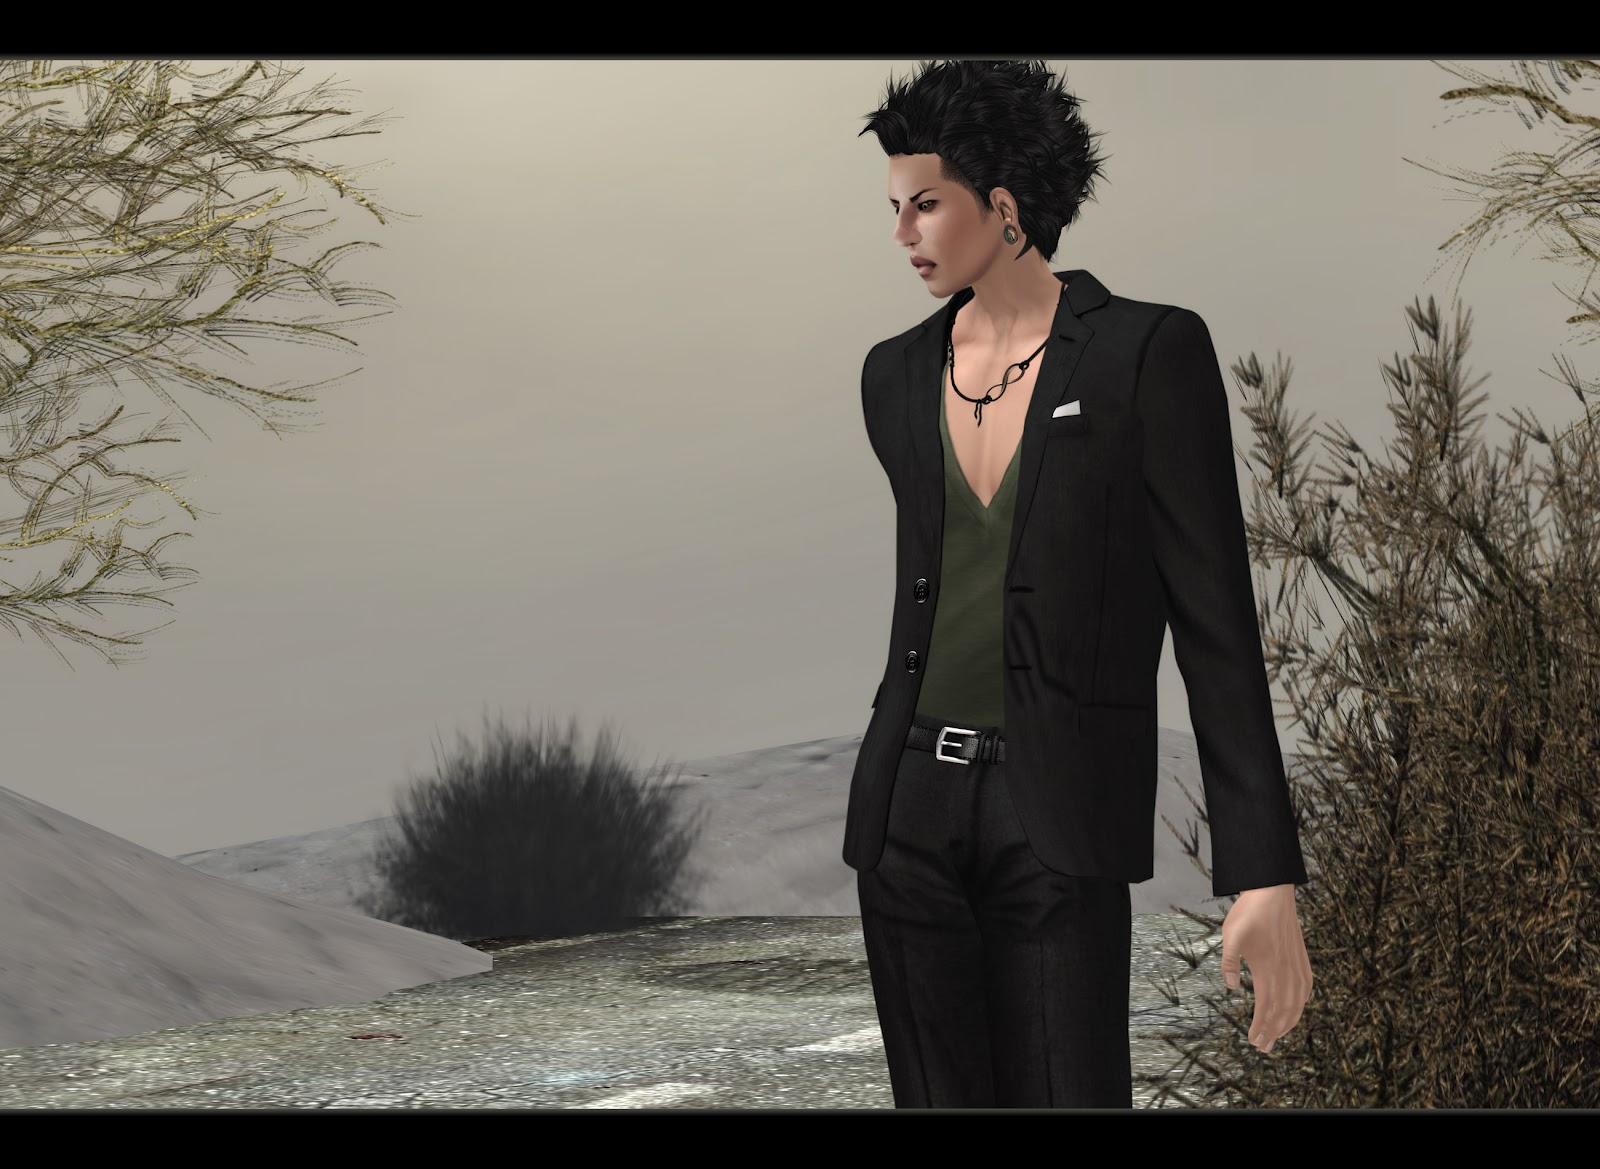 yakuza clothing style - photo #1